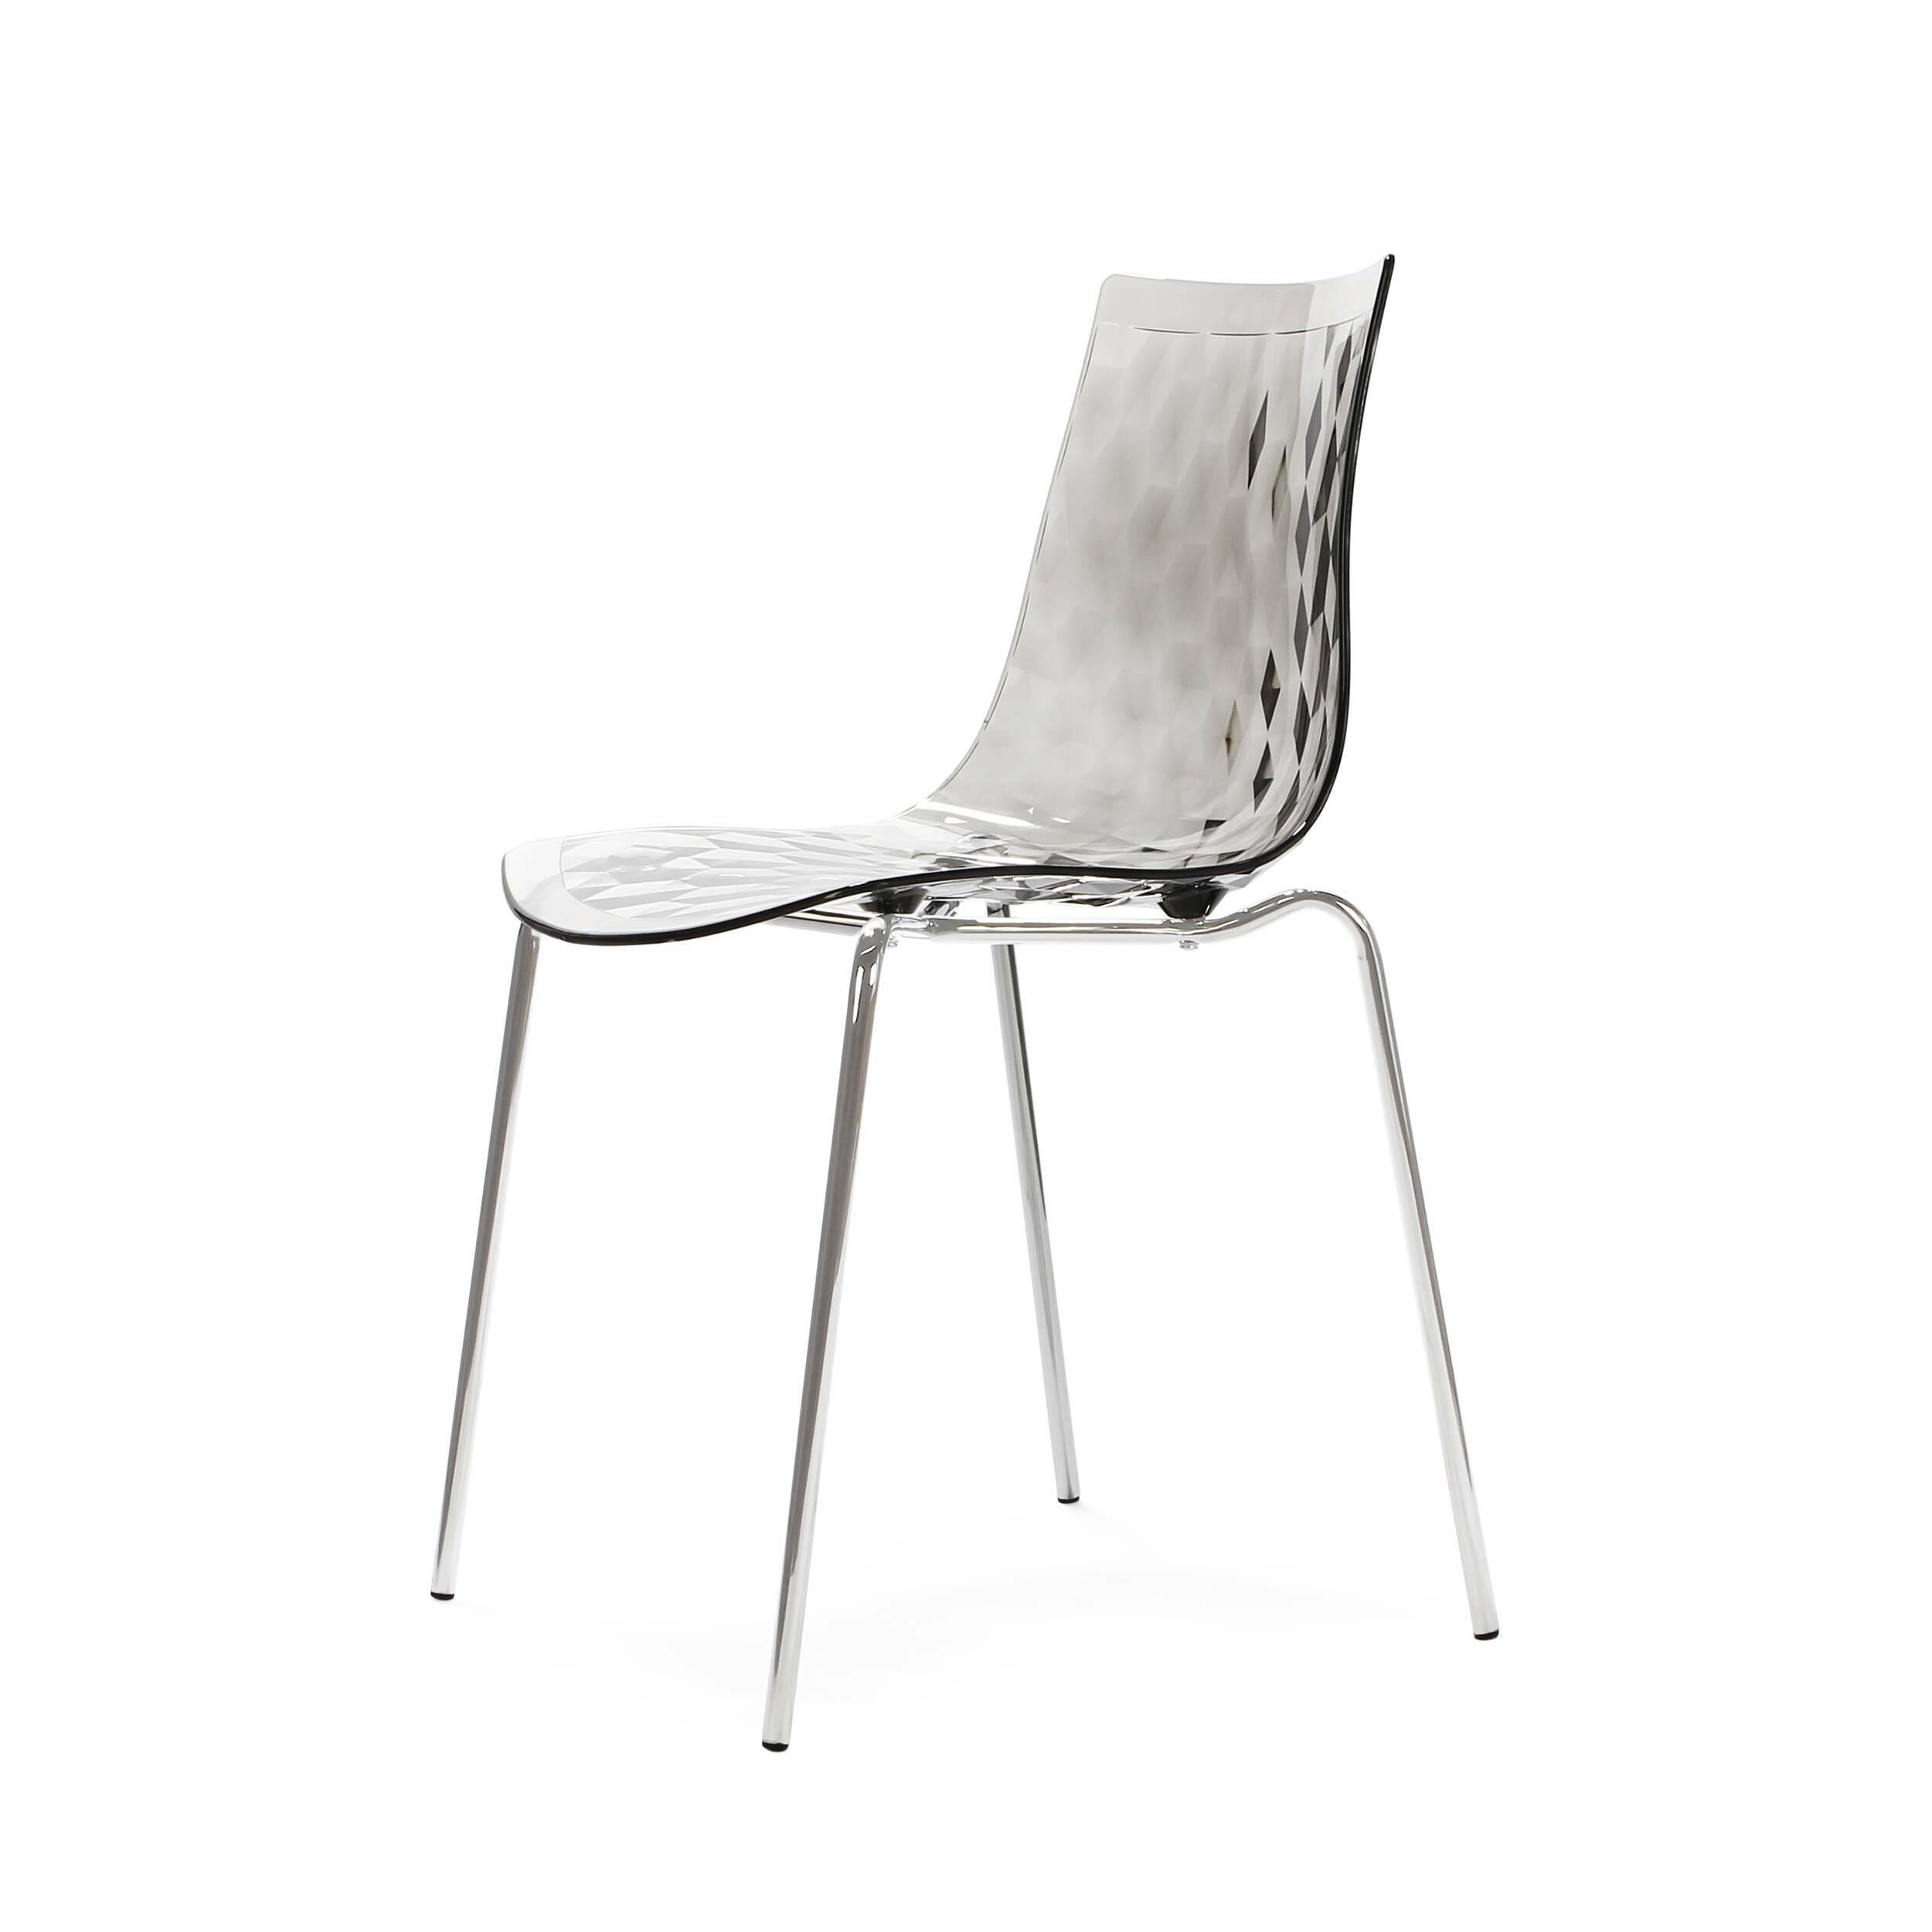 Стул GauzyИнтерьерные<br>Дизайнерский легкий светлый стул Gauzy (Гаузи) из поликарбоната на тонких стальных ножках от Cosmo (Космо).<br><br>     Приятный лаконичный дизайн стула Gauzy обязательно порадует даже самых строгих ценителей современного дизайна. Мягкие изгибы стула не только хороши на вид, но на нем и комфортно сидеть. <br><br><br>     Необычное оригинальное ребристое тиснение на поверхности сиденья — одна из основных особенностей дизайна изделия. Также очень примечательным является выбор материала. Поликарбонат — эт...<br><br>stock: 2<br>Высота: 83,5<br>Высота сиденья: 47<br>Ширина: 51,5<br>Глубина: 50,5<br>Цвет ножек: Хром<br>Материал каркаса: Поликарбонат<br>Тип материала каркаса: Пластик<br>Тип материала ножек: Сталь нержавеющая<br>Цвет каркаса: Дымчатый